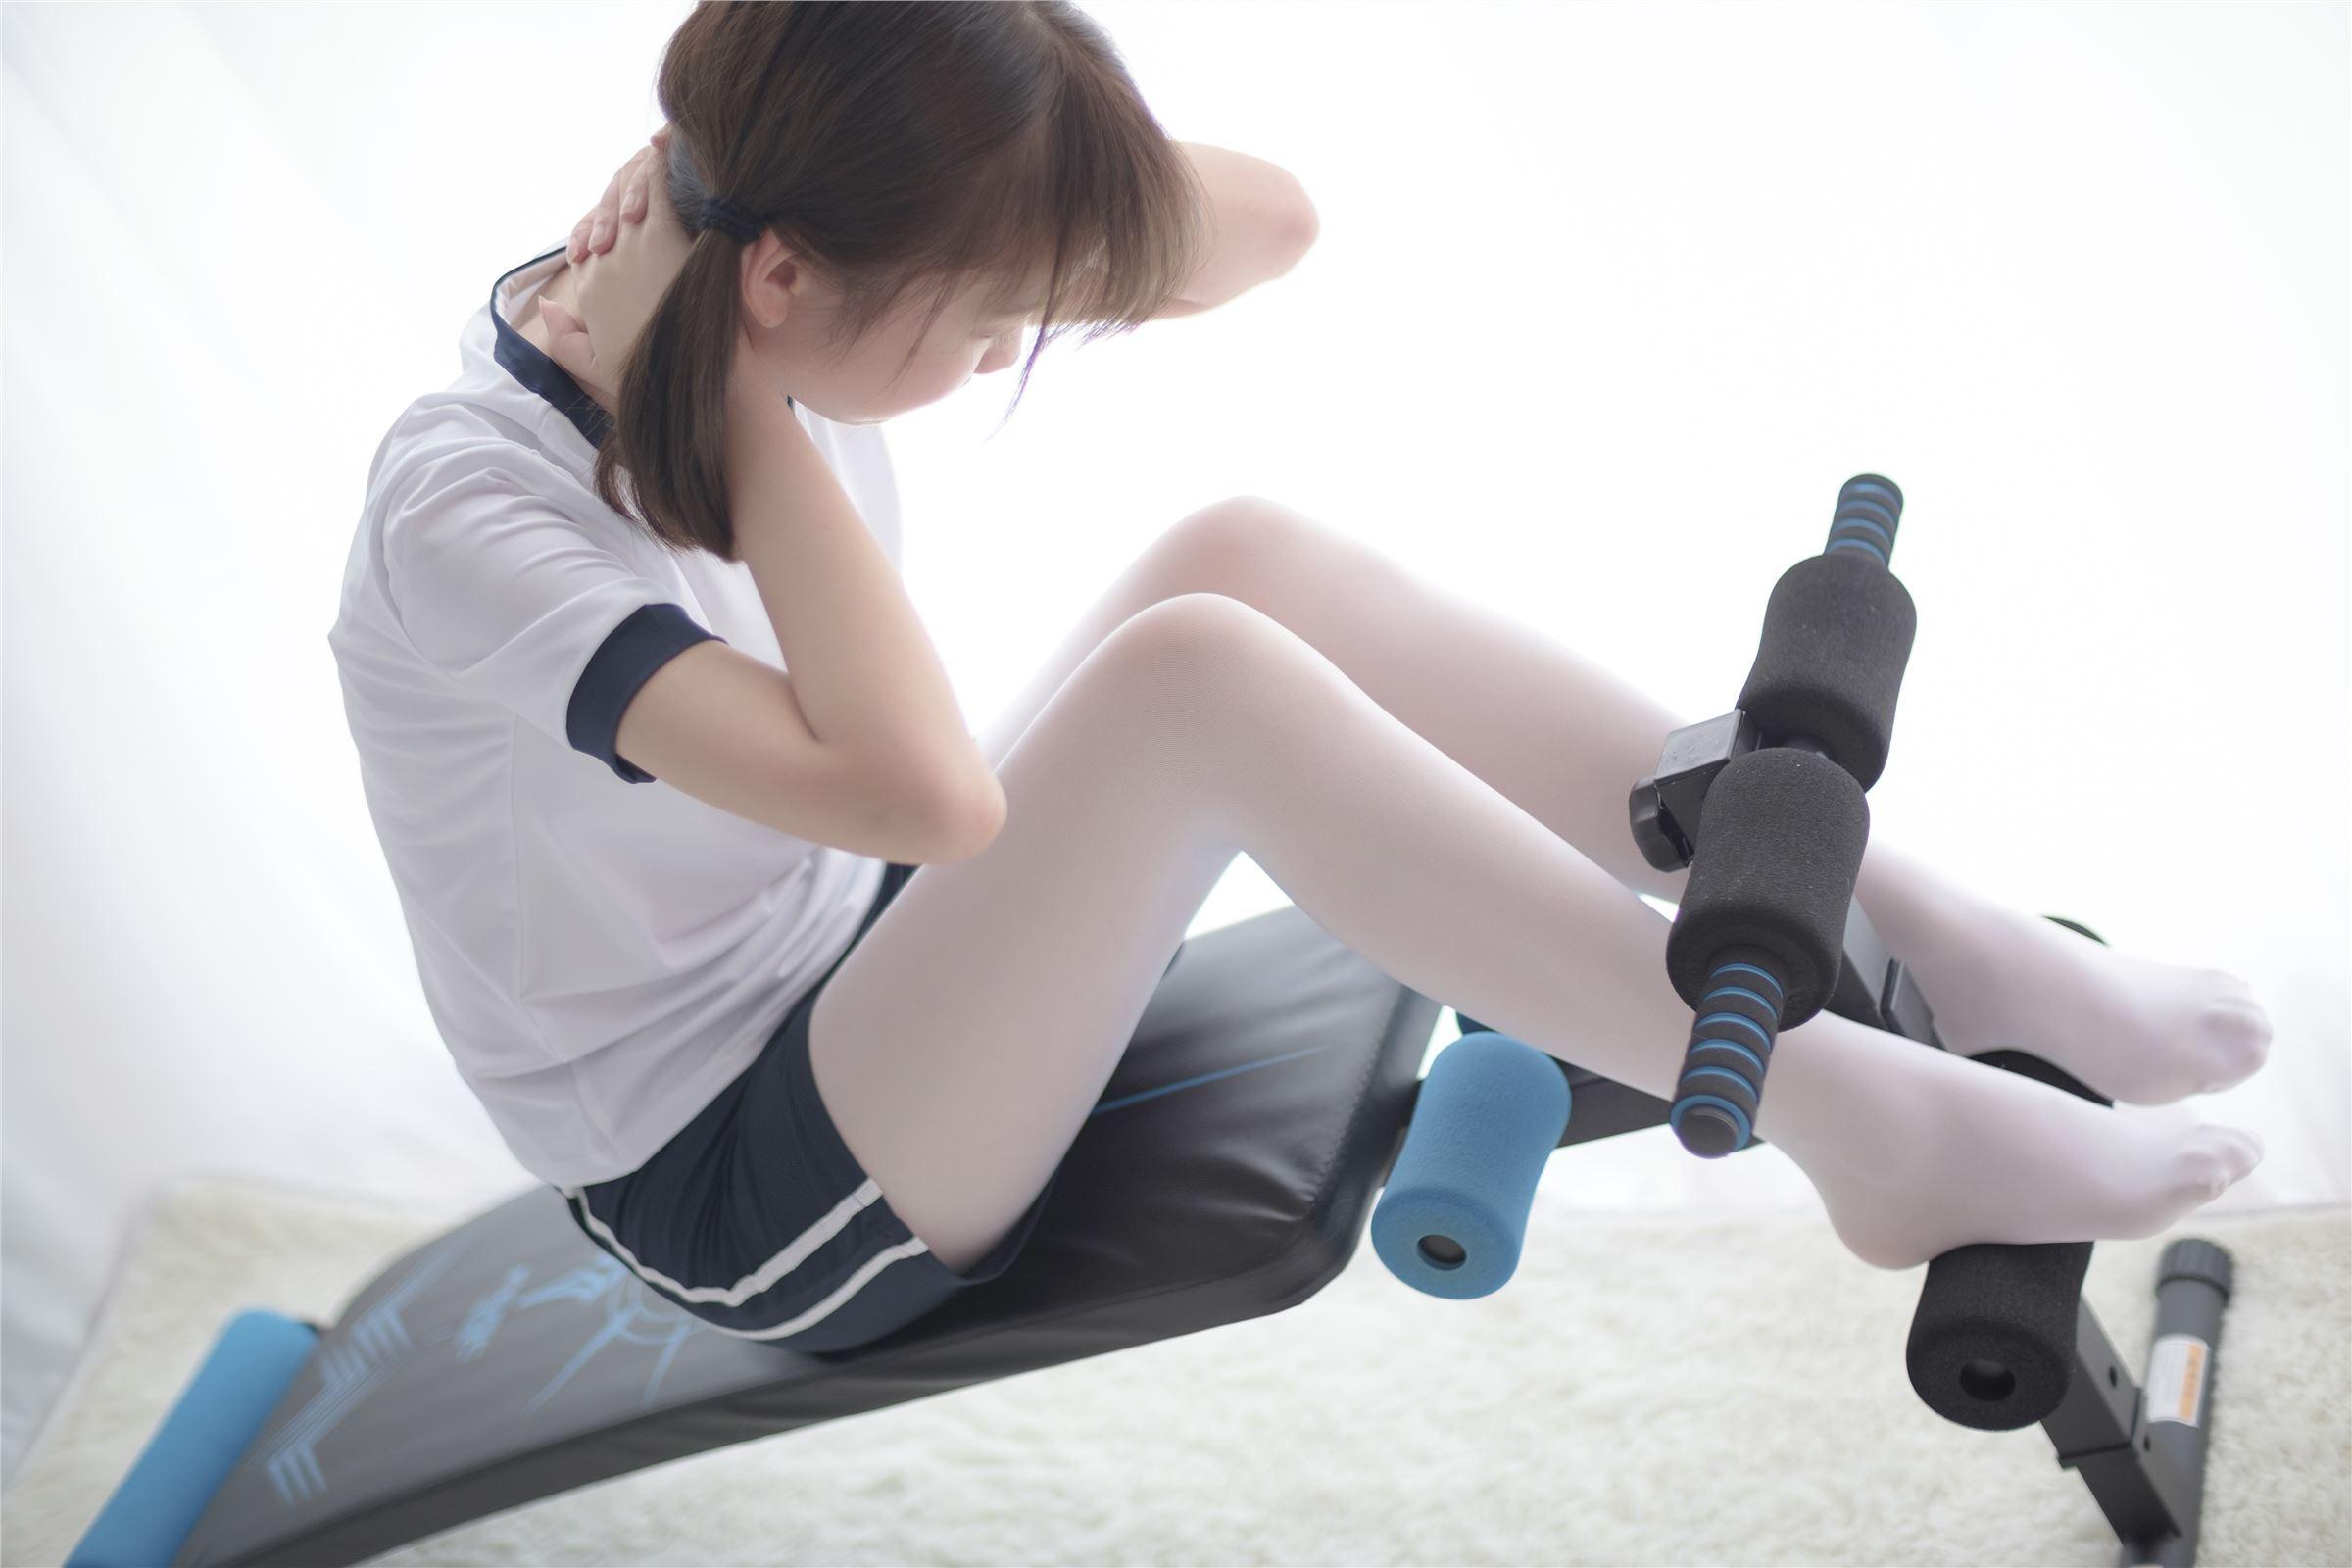 森萝财团 萝莉丝足写真 R15-013 白丝运动少女